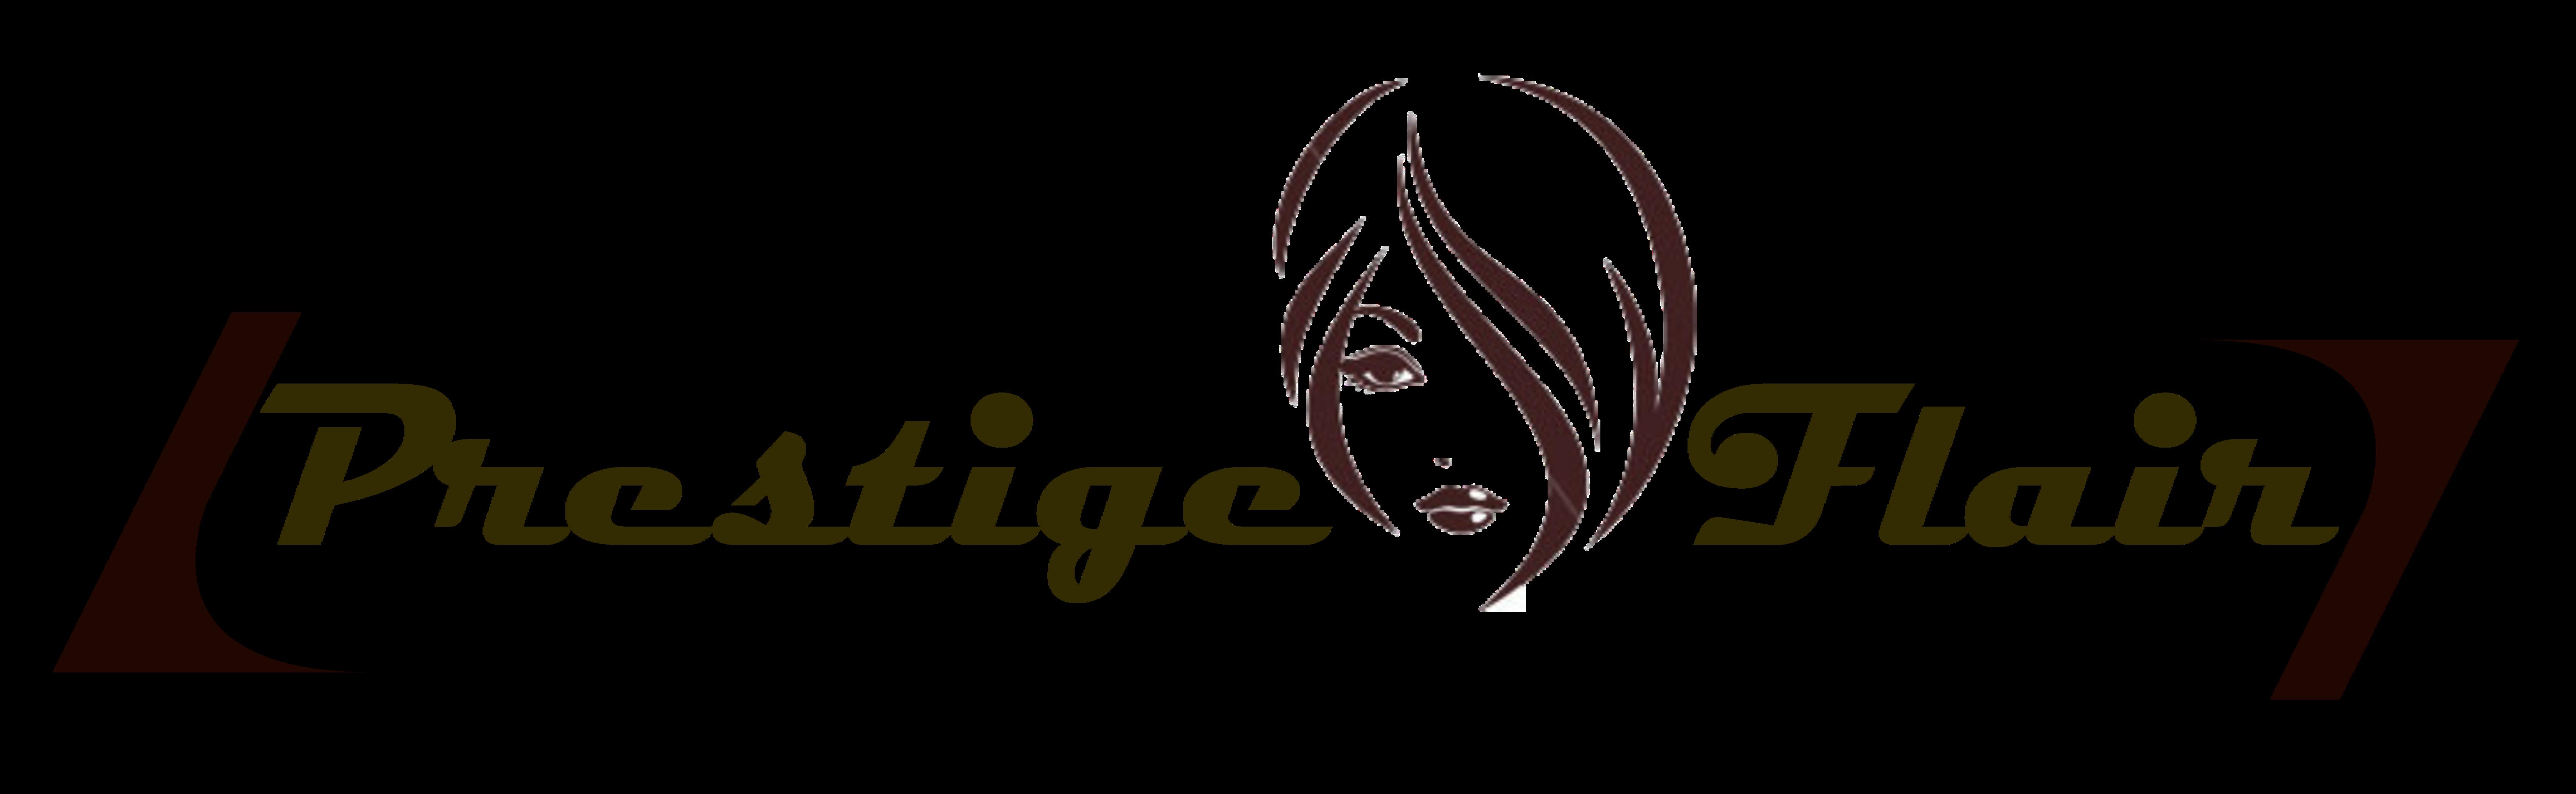 Prestigeflair